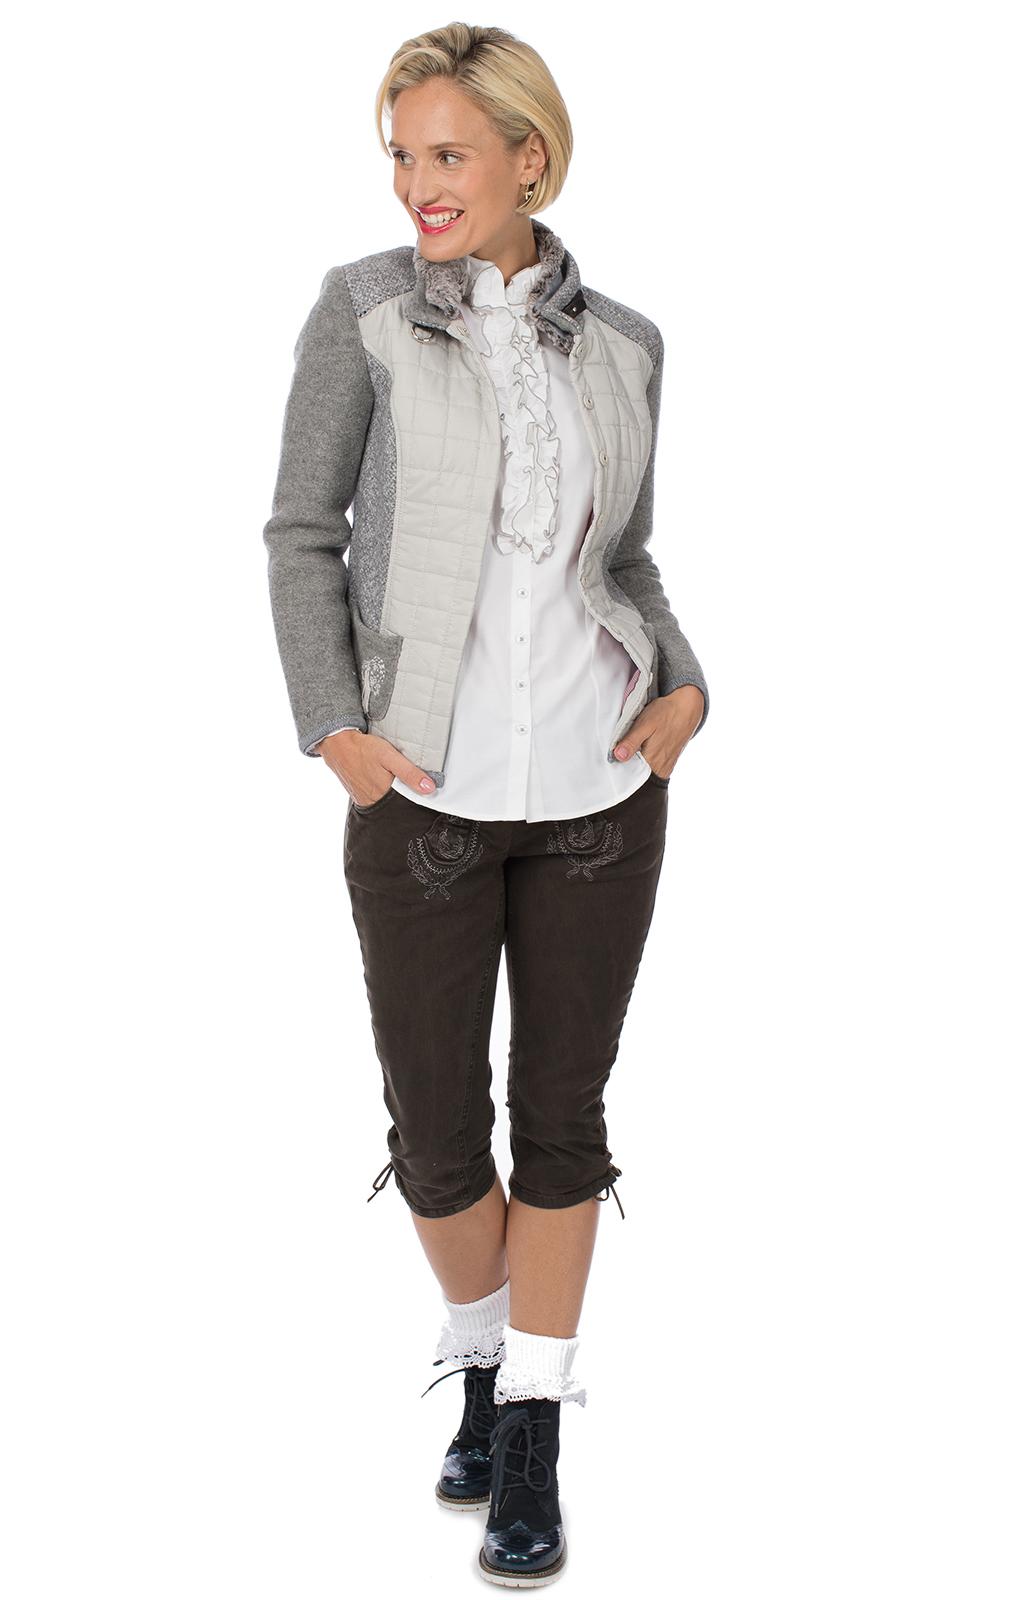 weitere Bilder von Traditonal Jacket Heubach gray